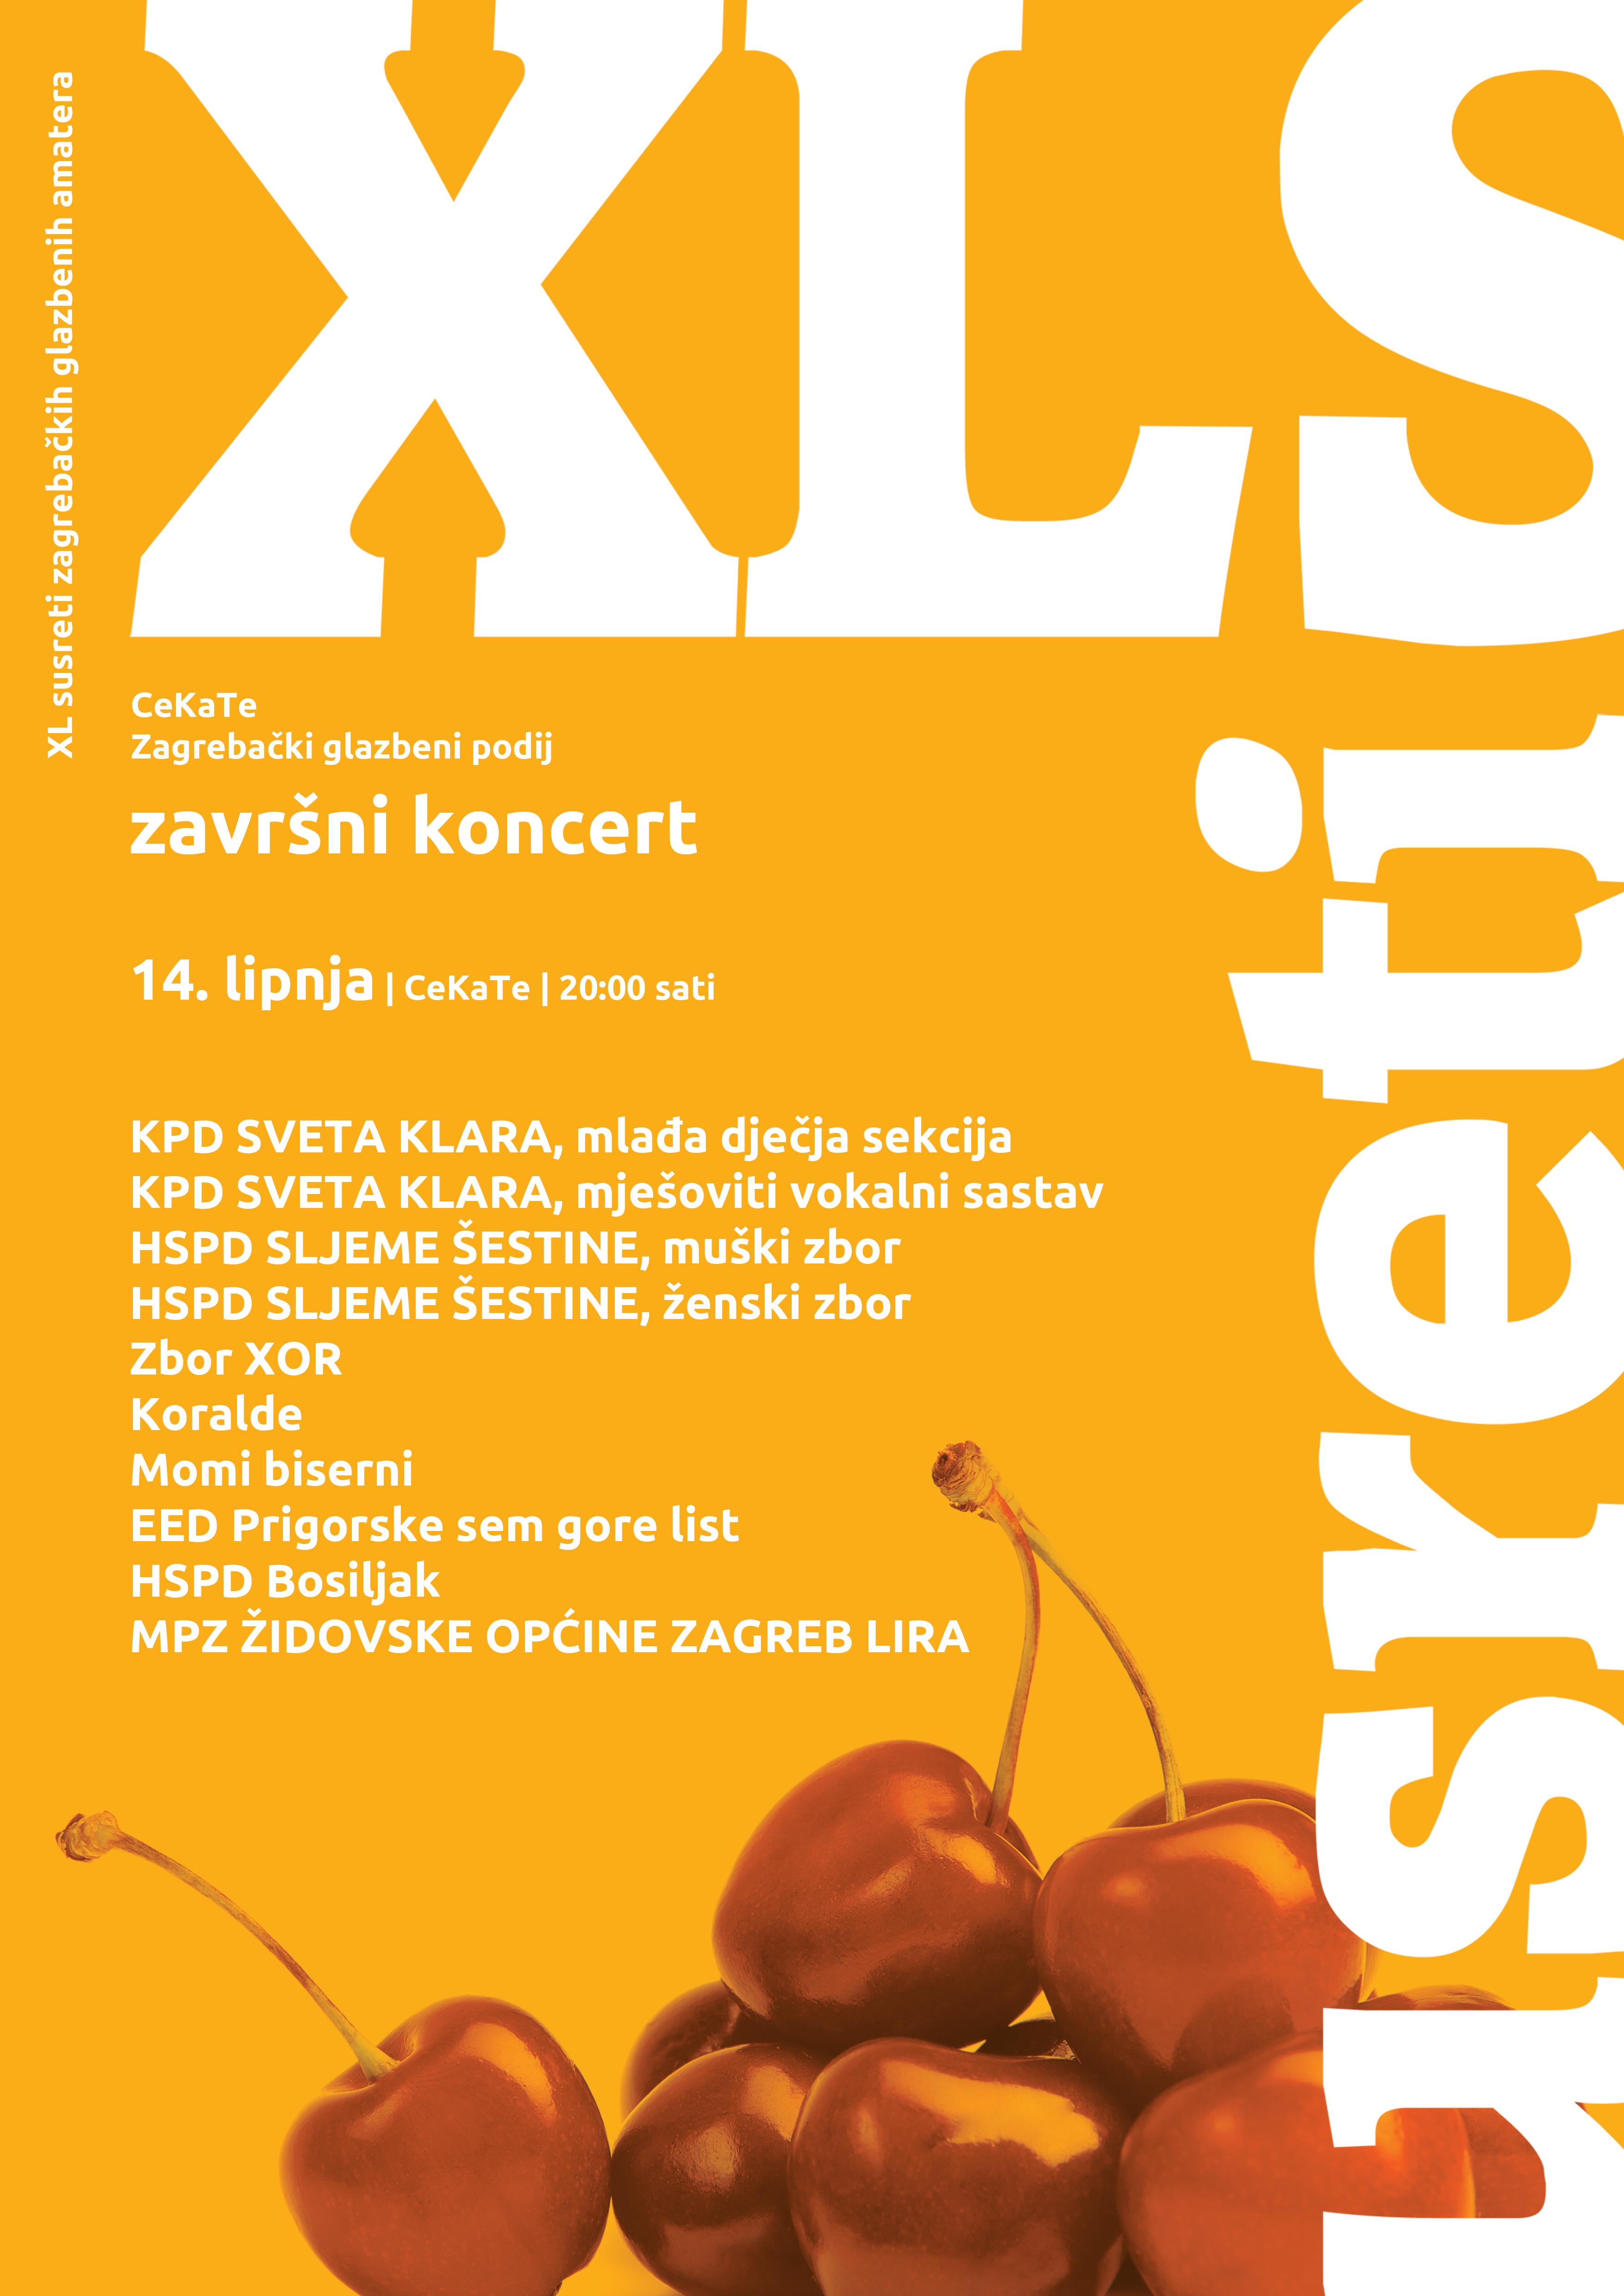 U Susret ljetu: koncerti zagrebačkih glazbenih amatera u lipnju